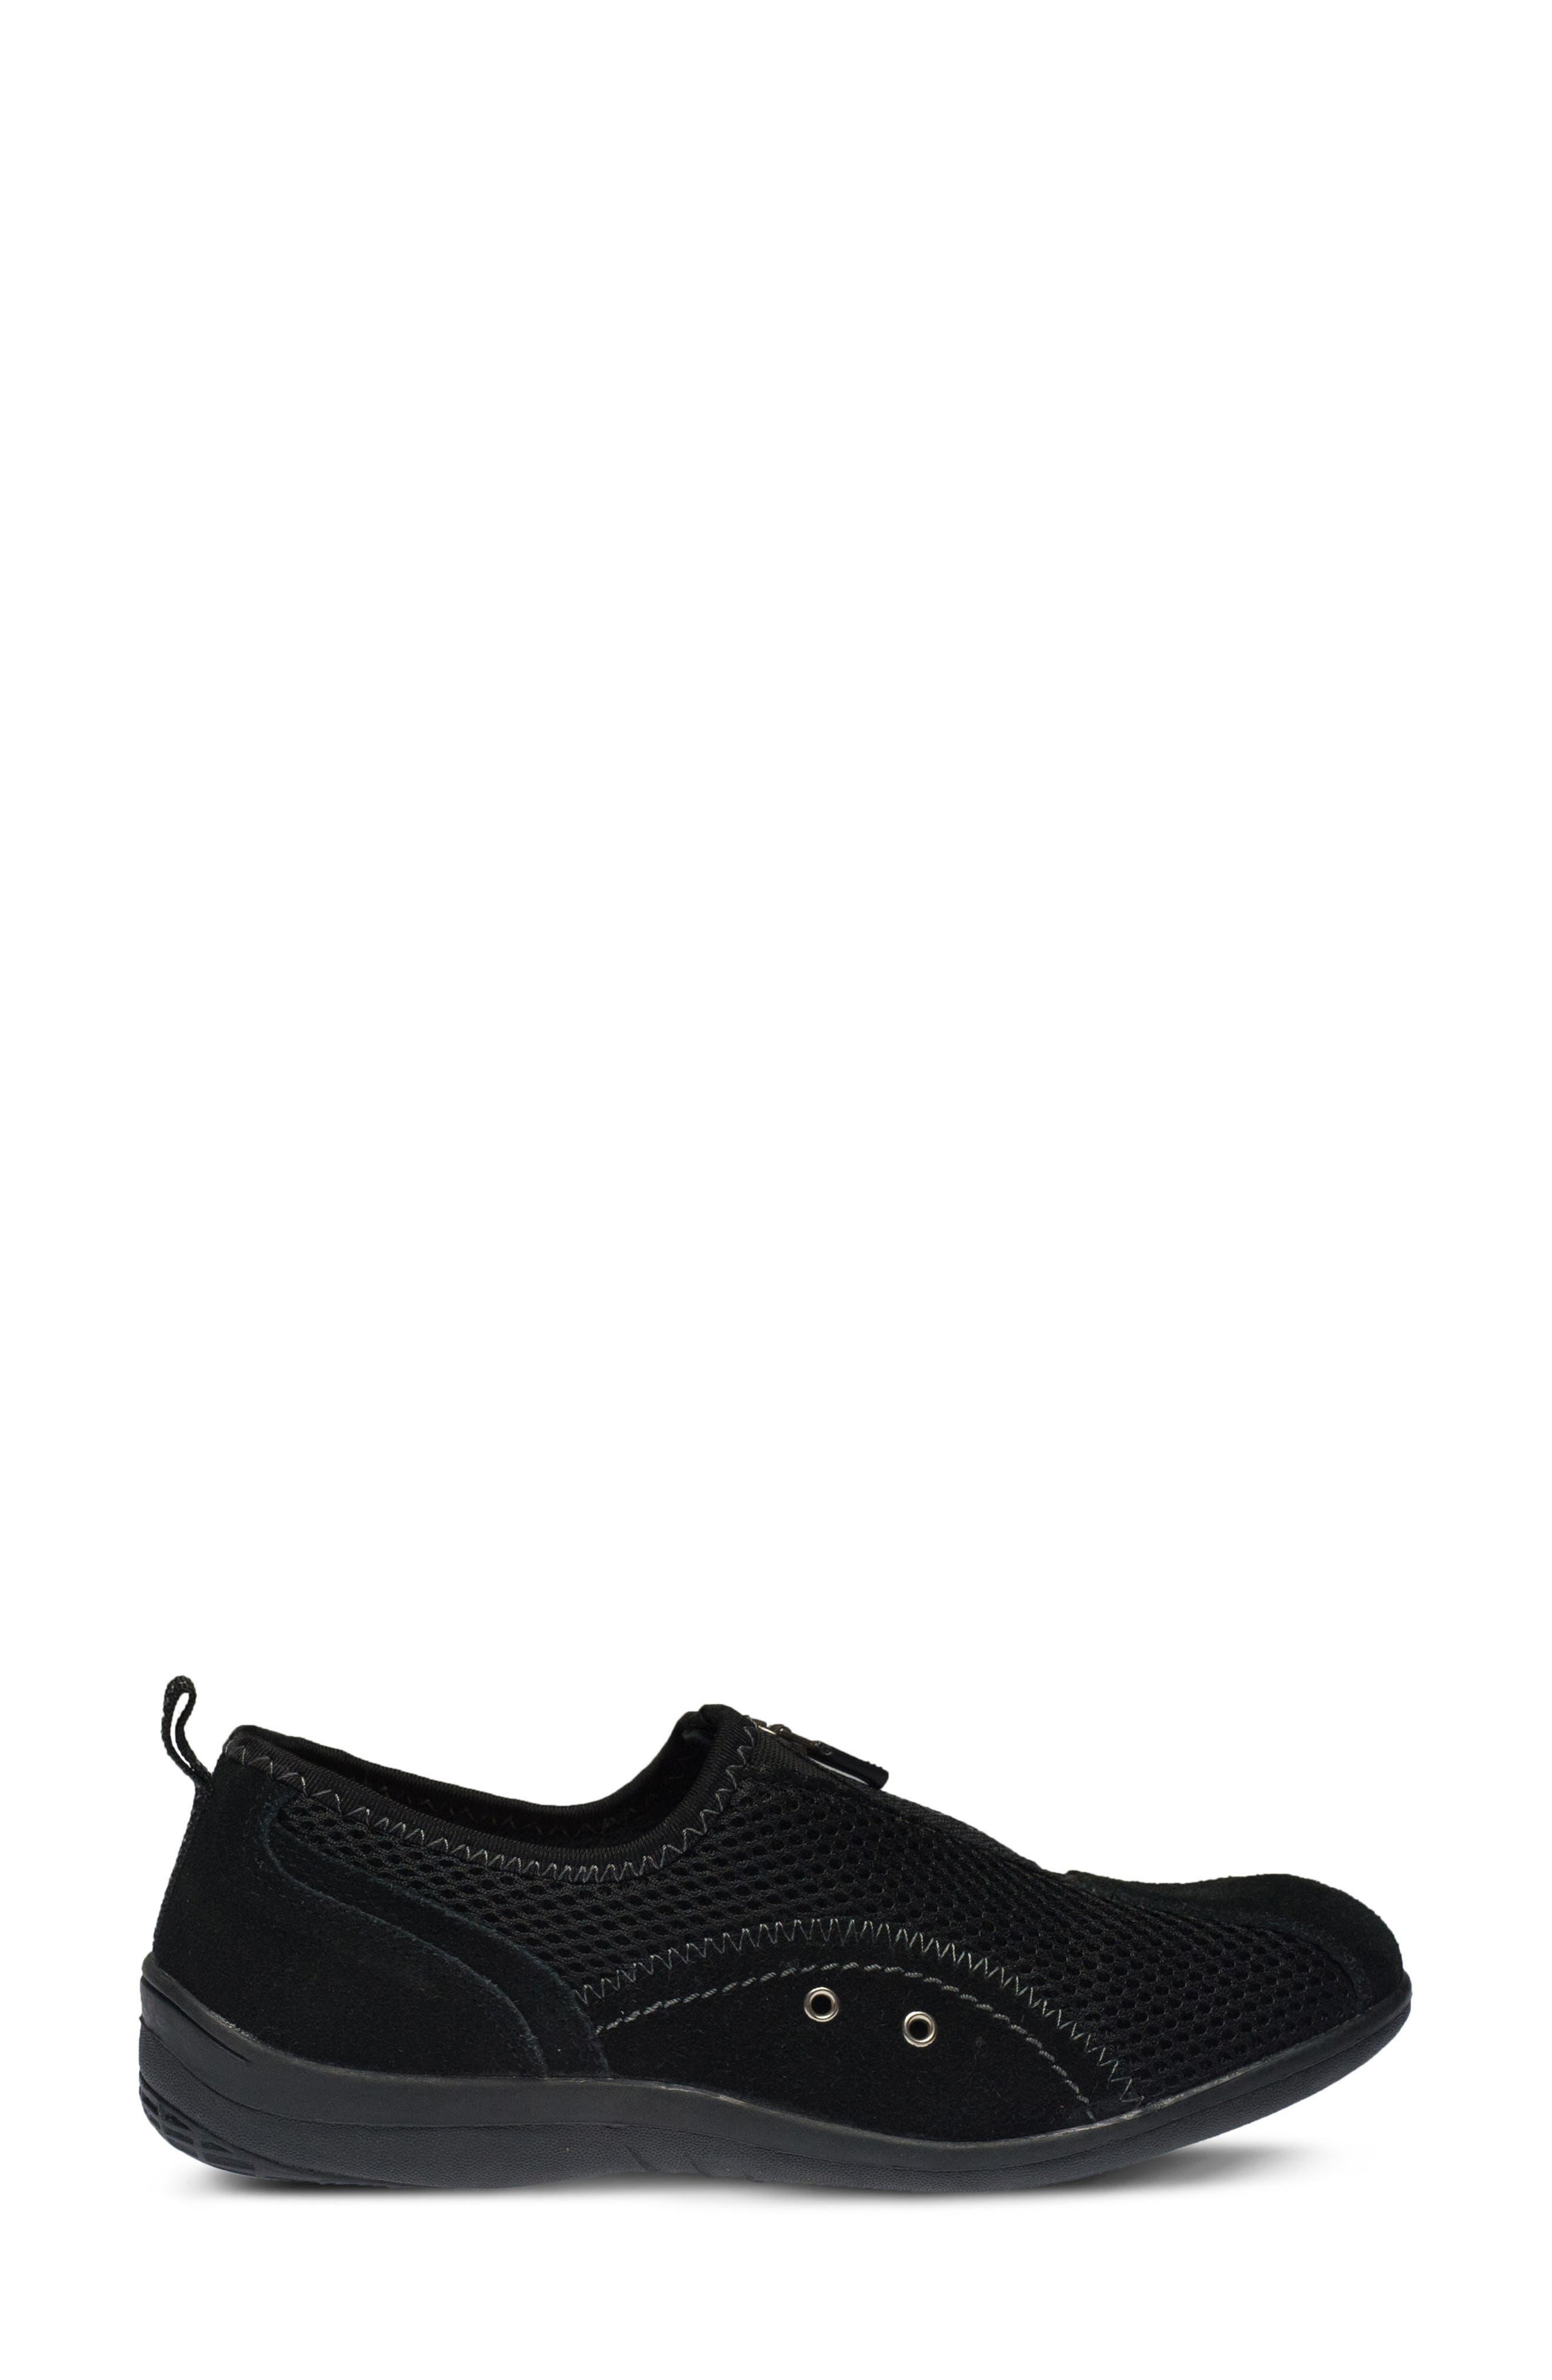 Racer Slip-On Sneaker,                             Alternate thumbnail 3, color,                             BLACK LEATHER